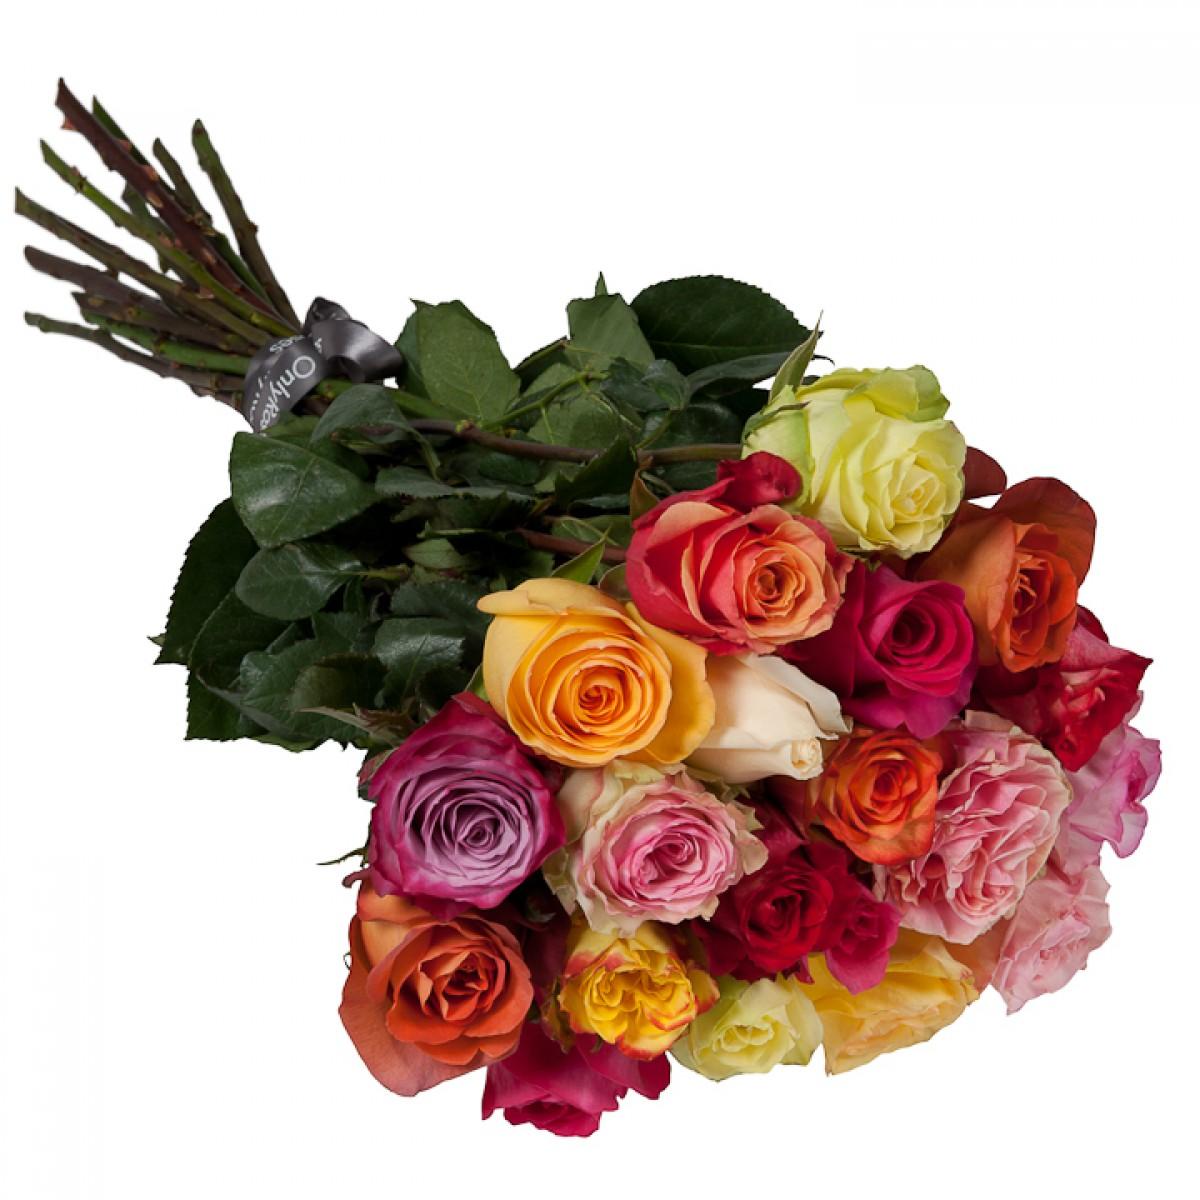 Букет от 11 до 15 рози светъл микс (ти избираш броя)